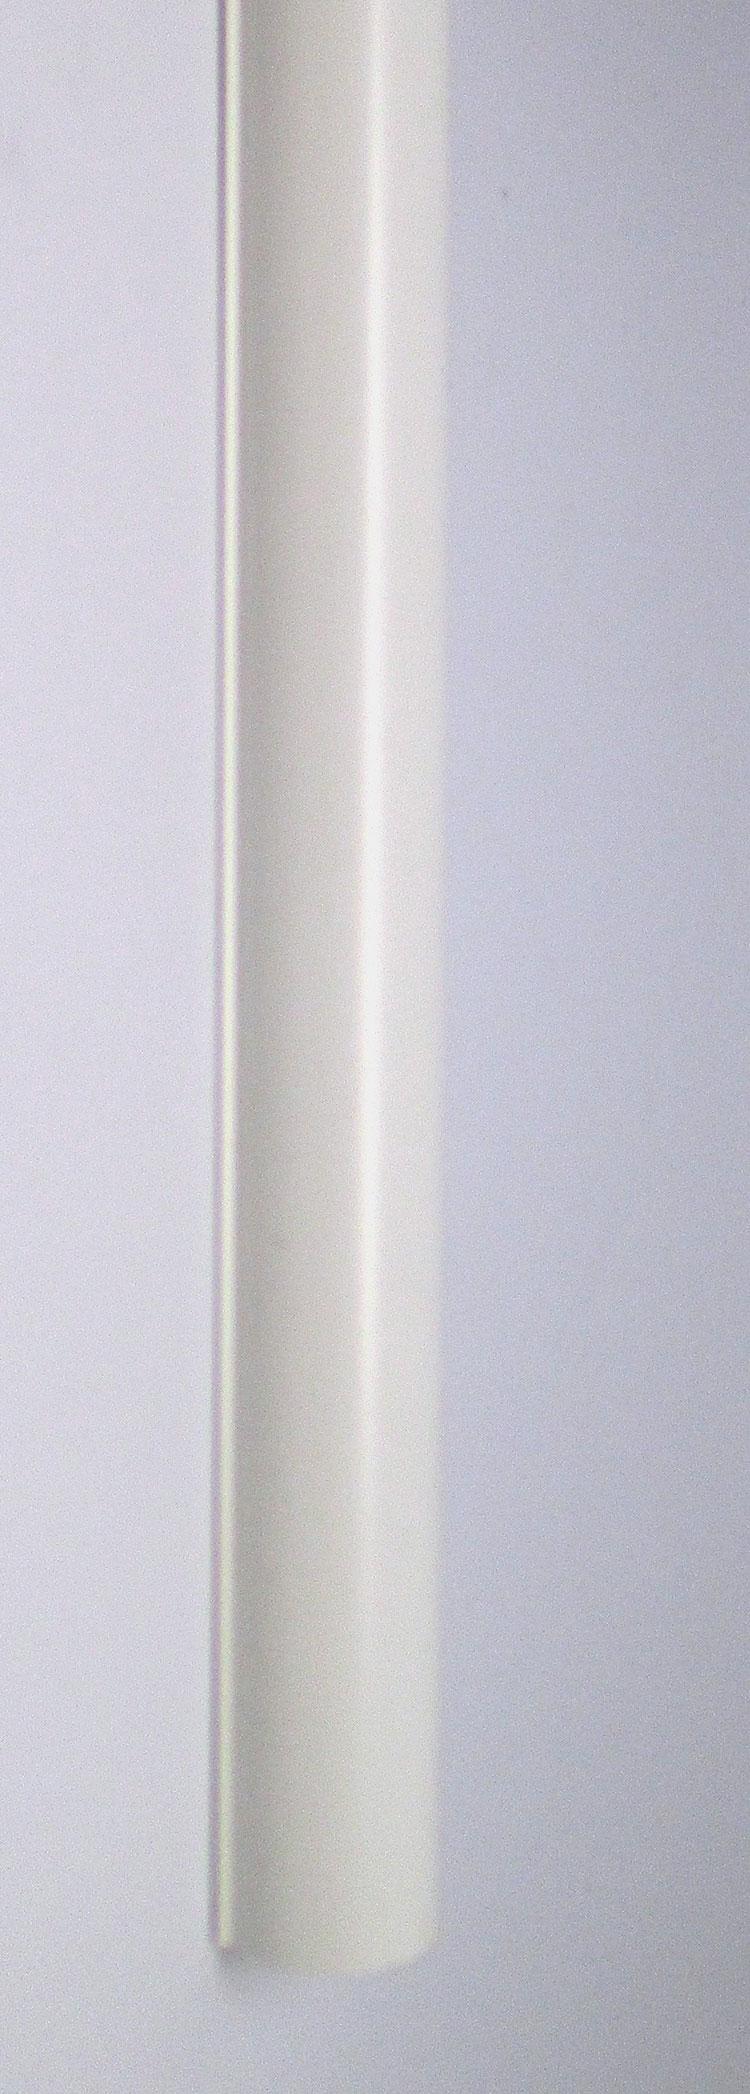 Myson Radiator Pipe Cover Pc8wh White Pipe Cover Myson